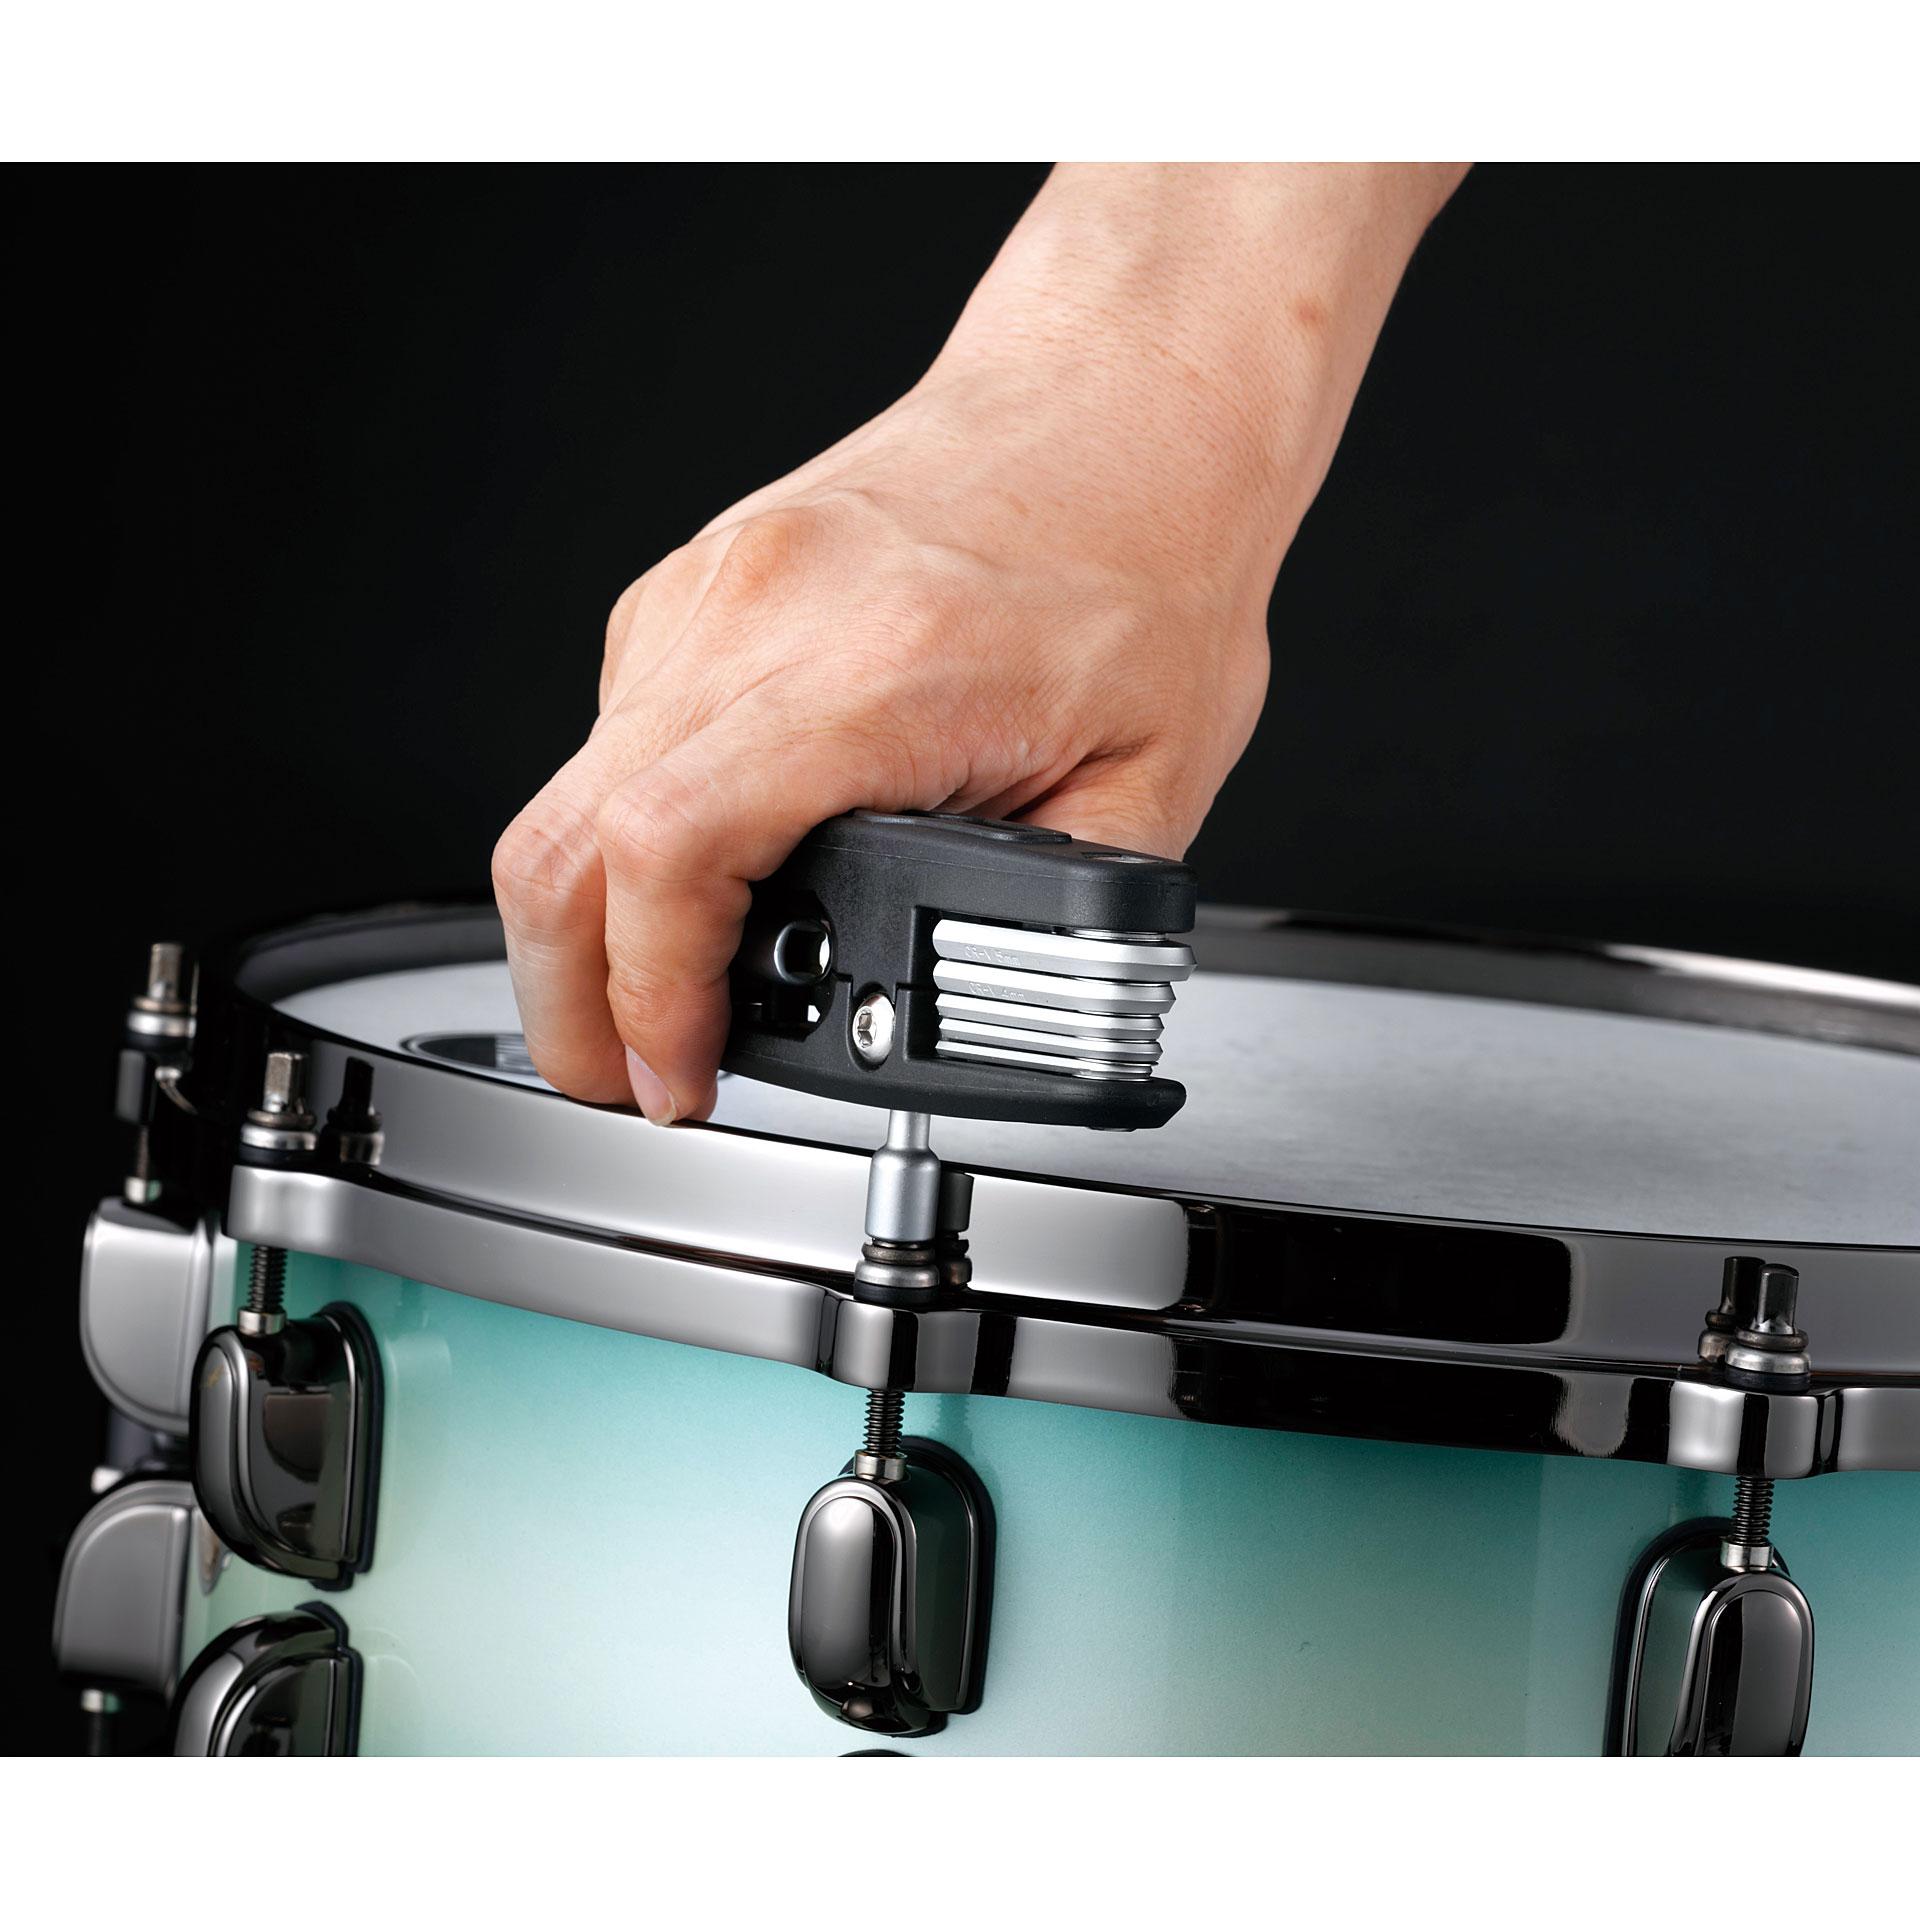 Tama TMT9 Multi Werkzeug für Drummer